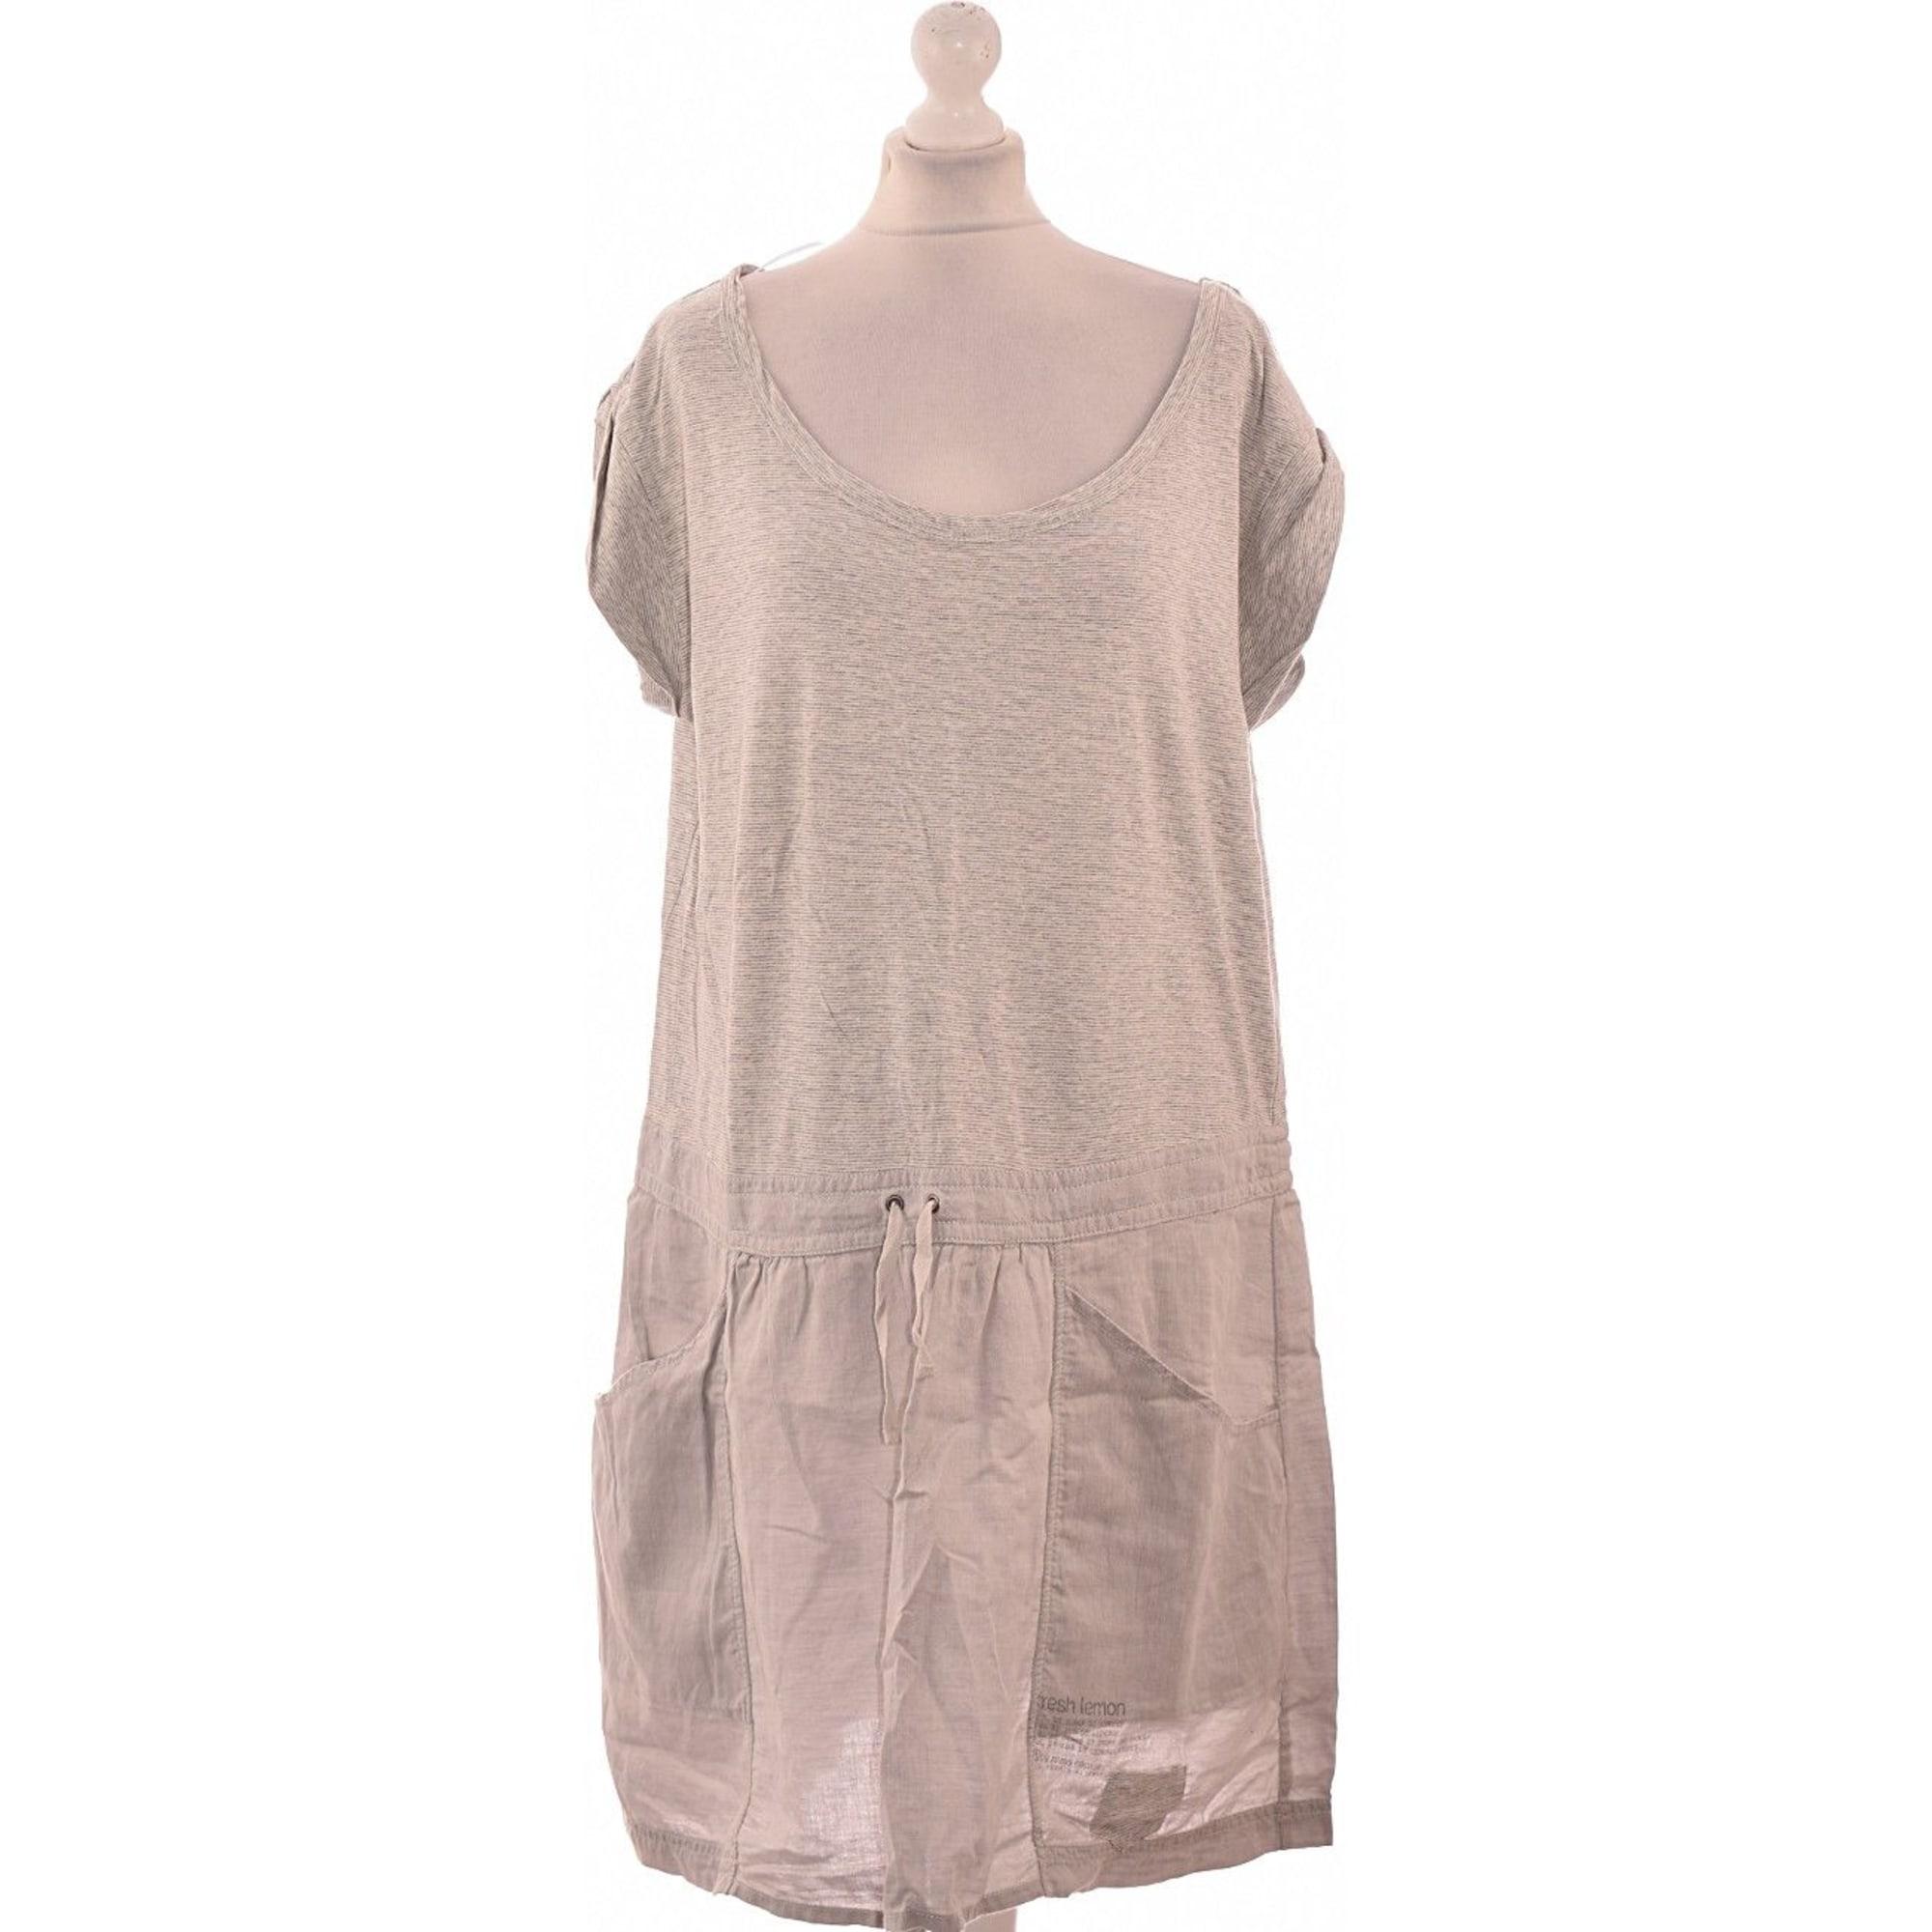 60c0df20147 Robe courte MISS CAPTAIN 48 (XXXL) gris vendu par Agnes de once ...